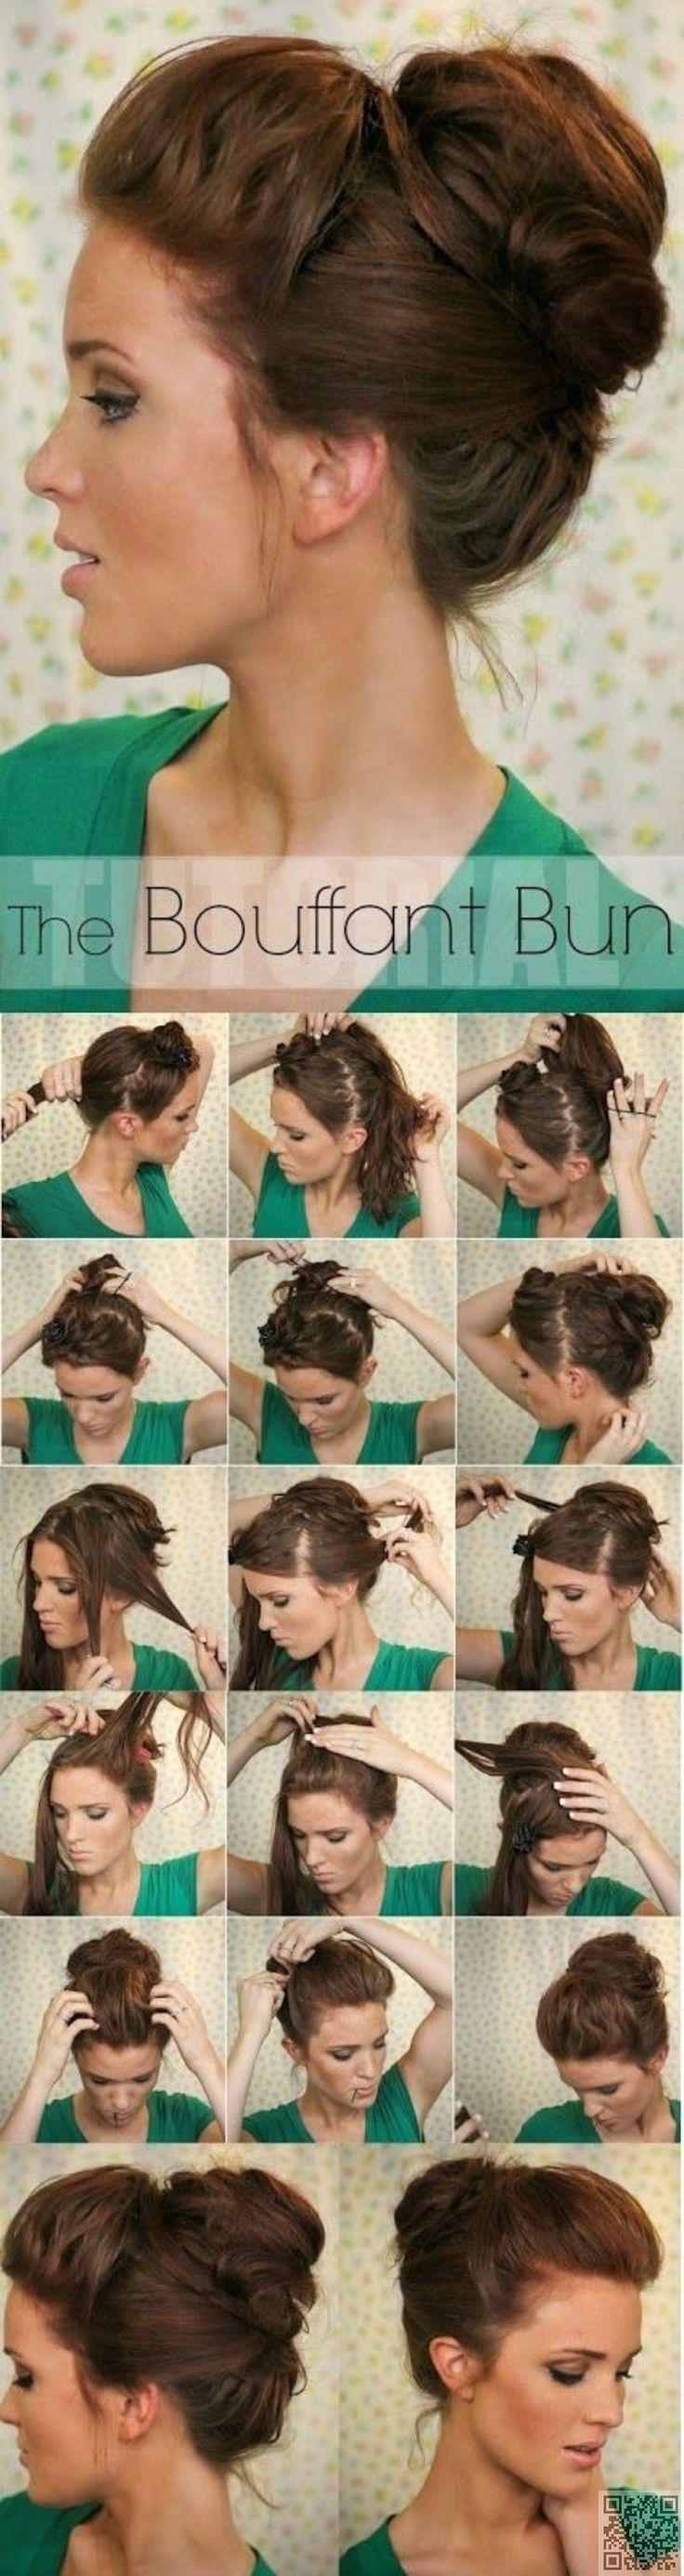 3. #bouffant Bun - Dompter vos #Tresses avec ces magnifiques #coiffures…